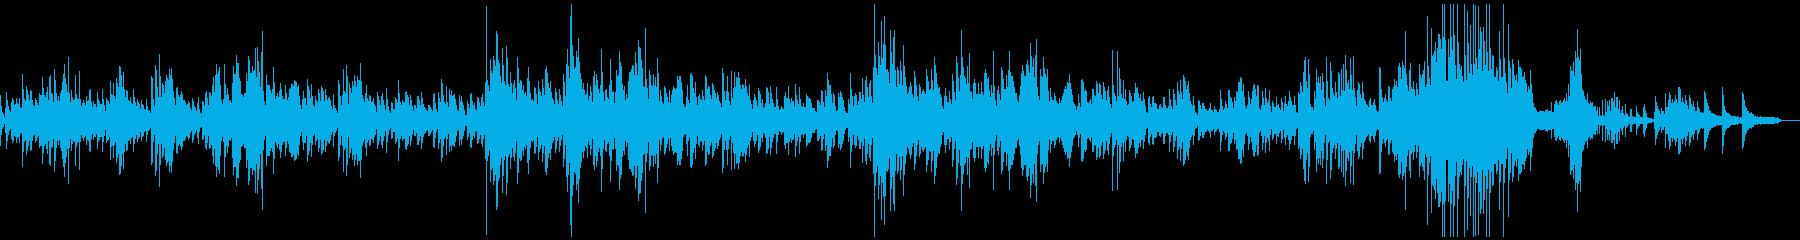 ショパンのノクターン2番原曲の再生済みの波形